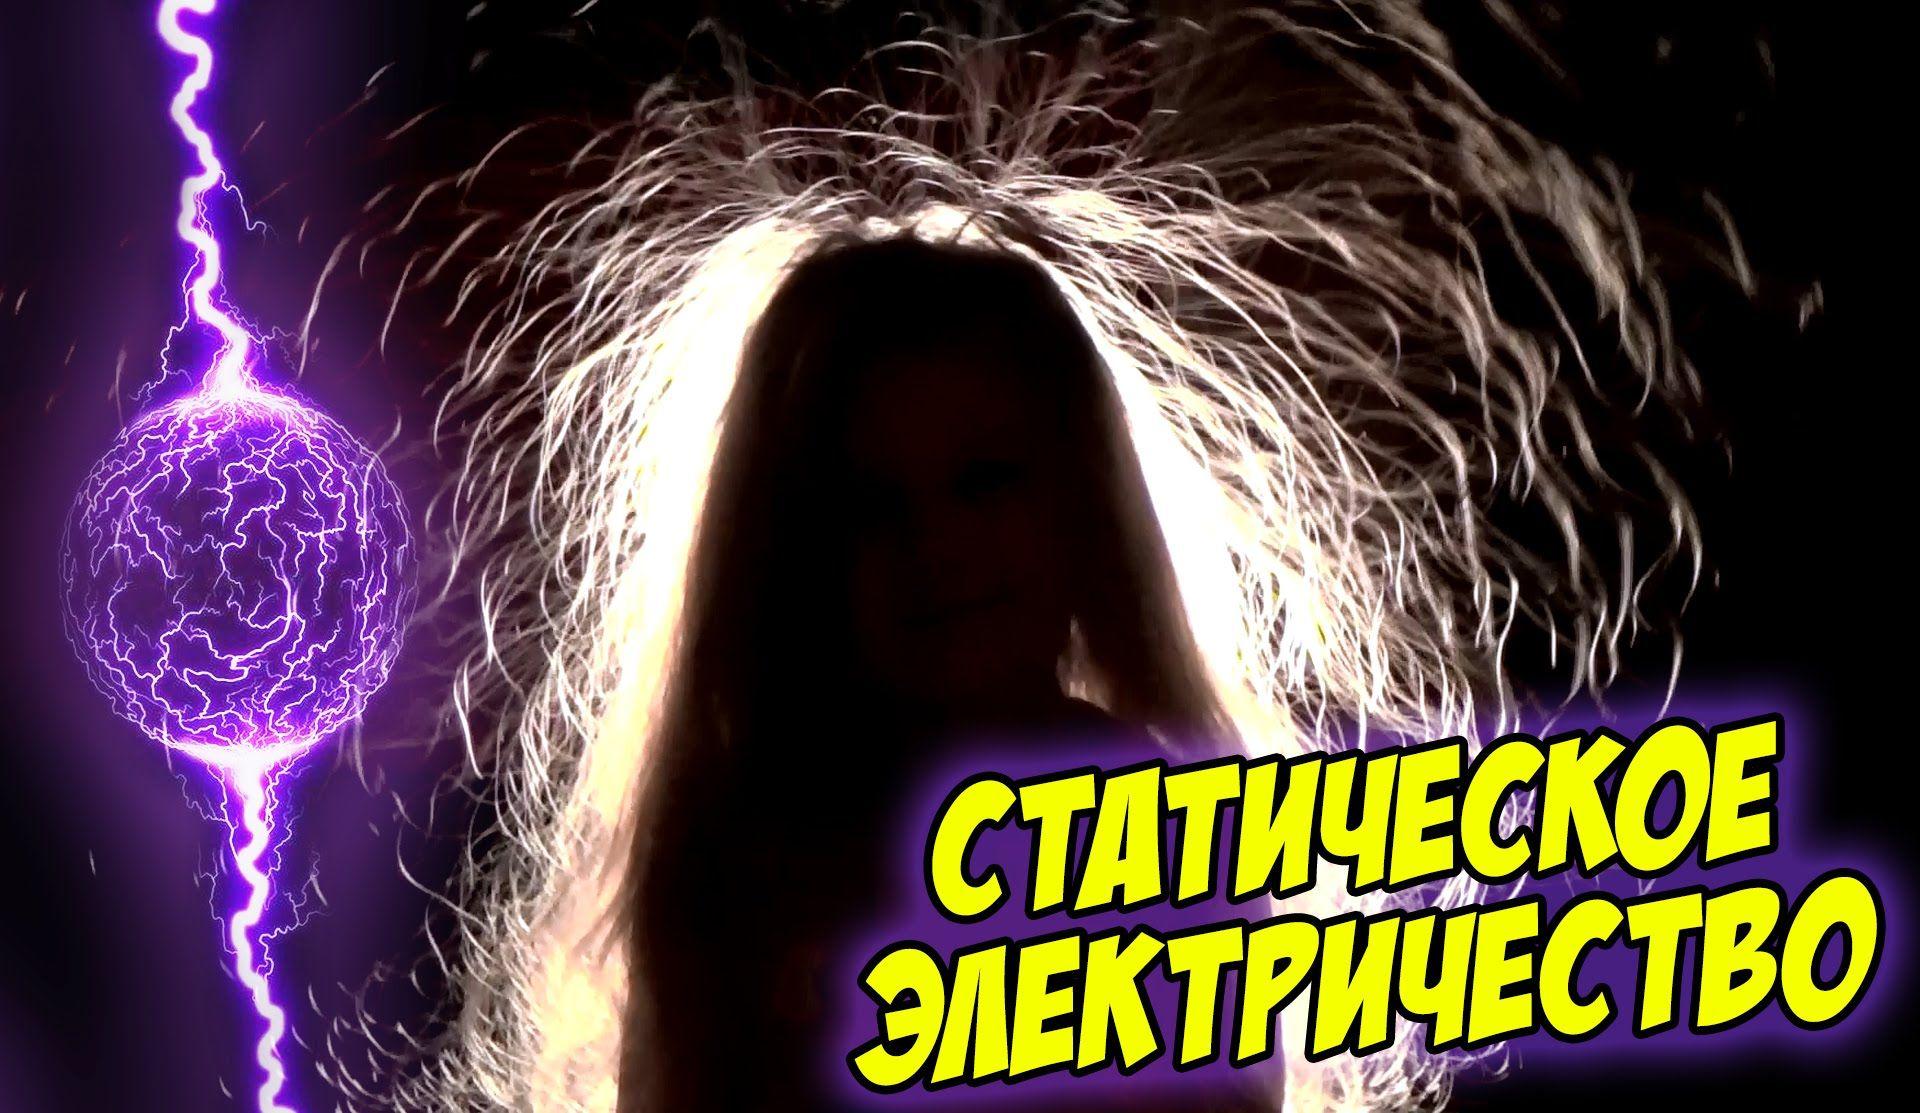 Статическое электричество волосы